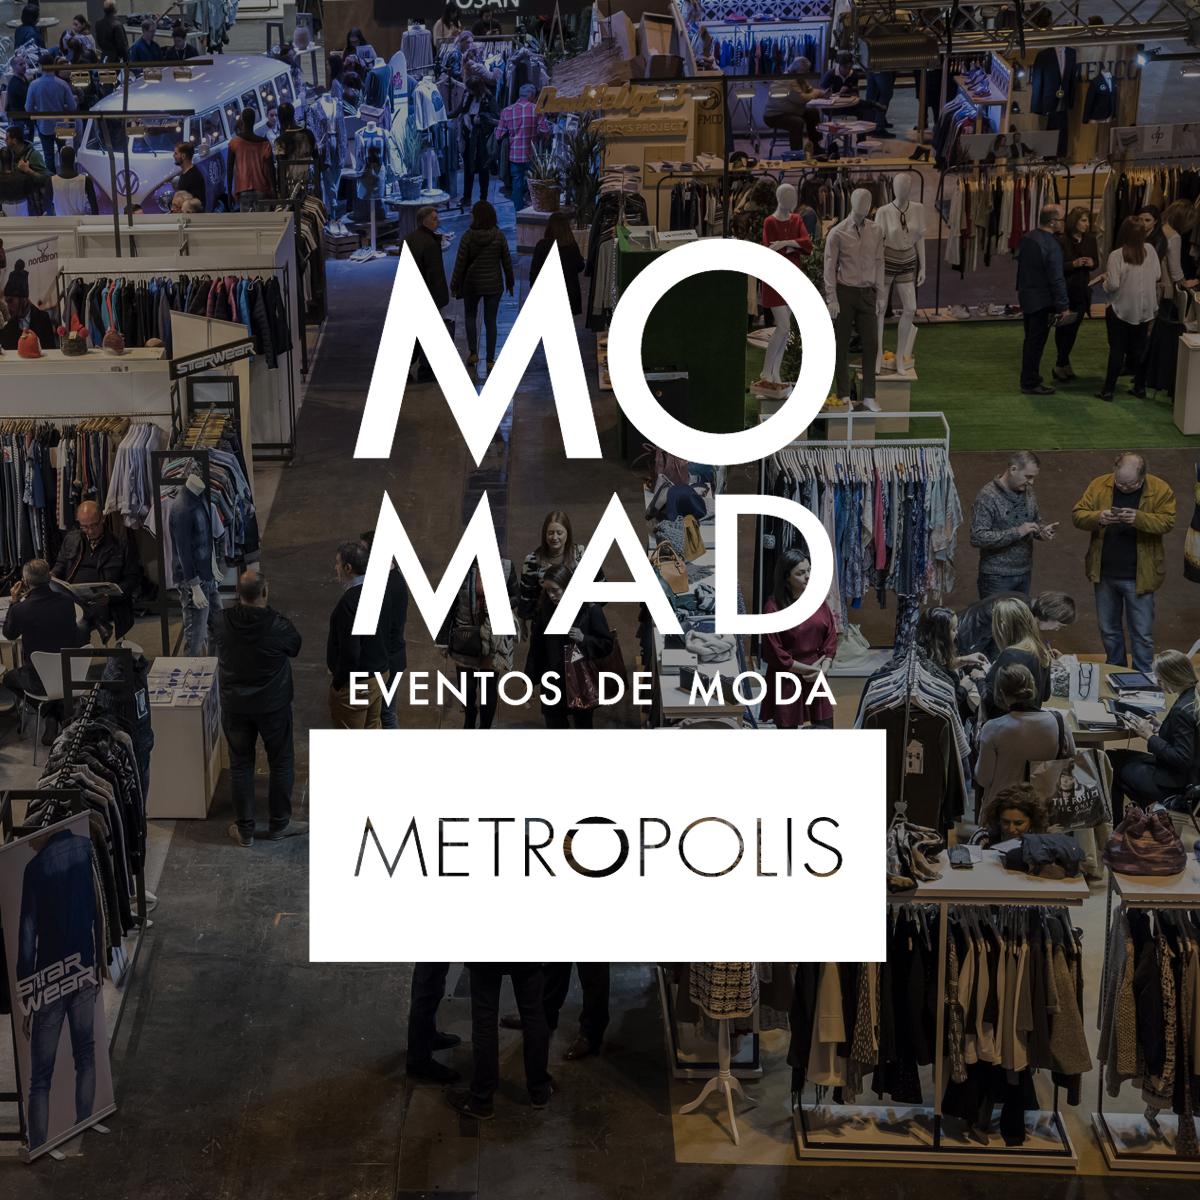 Proyecto Momad Metropolis